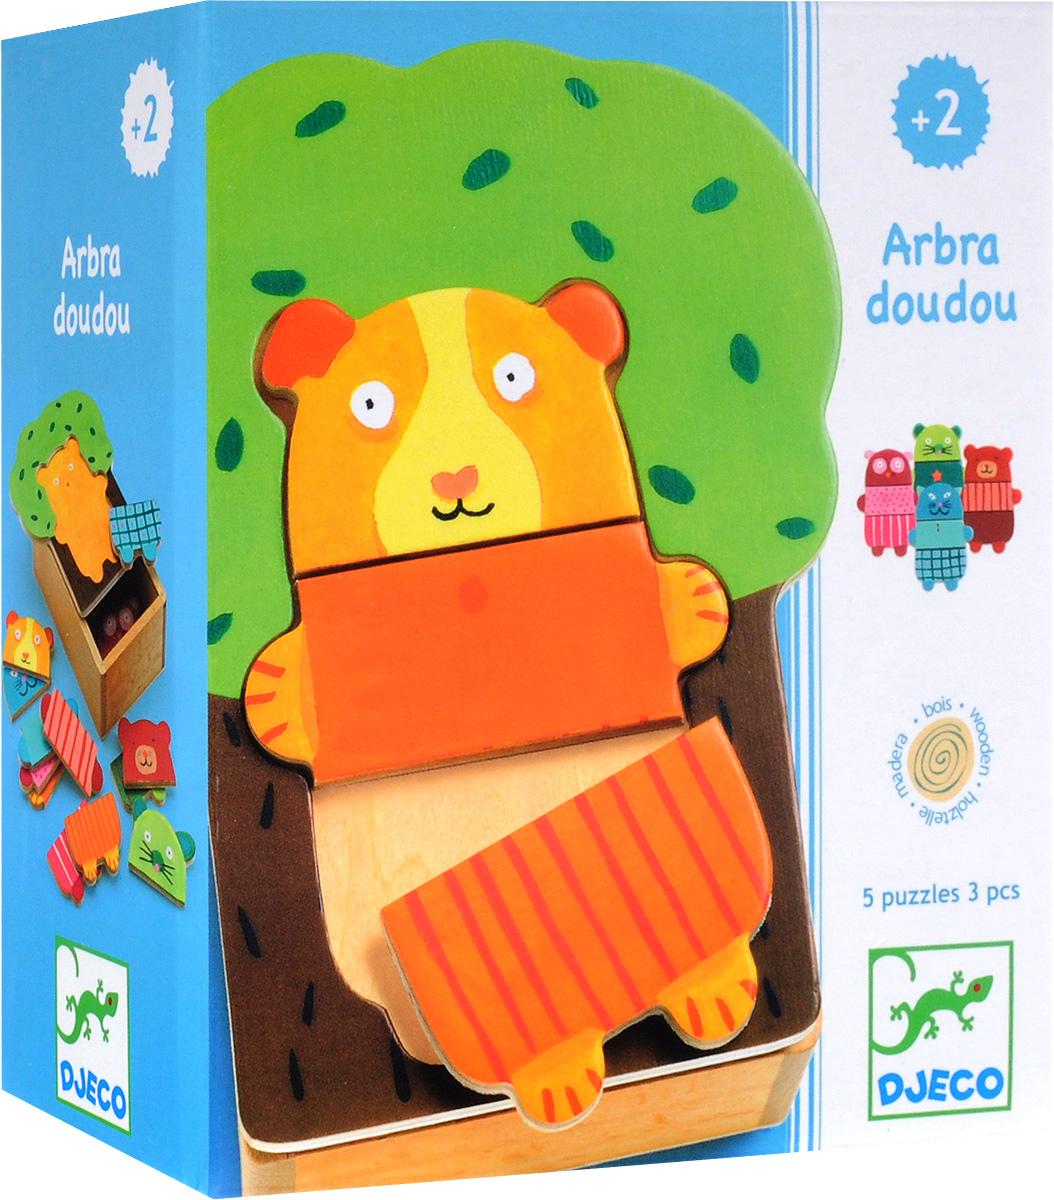 Djeco Пазл для малышей Деревянные зверюшки01681Пазл для малышей Djeco Деревянные зверюшки - первый пазл для вашего малыша. Яркая игра для самых маленьких. Ребенку необходимо собрать из трех деревянных деталей мишек в разных цветных костюмчиках. Игрушка развивает мелкую моторику ребенка, логическое мышление, навык сопоставления цветов.